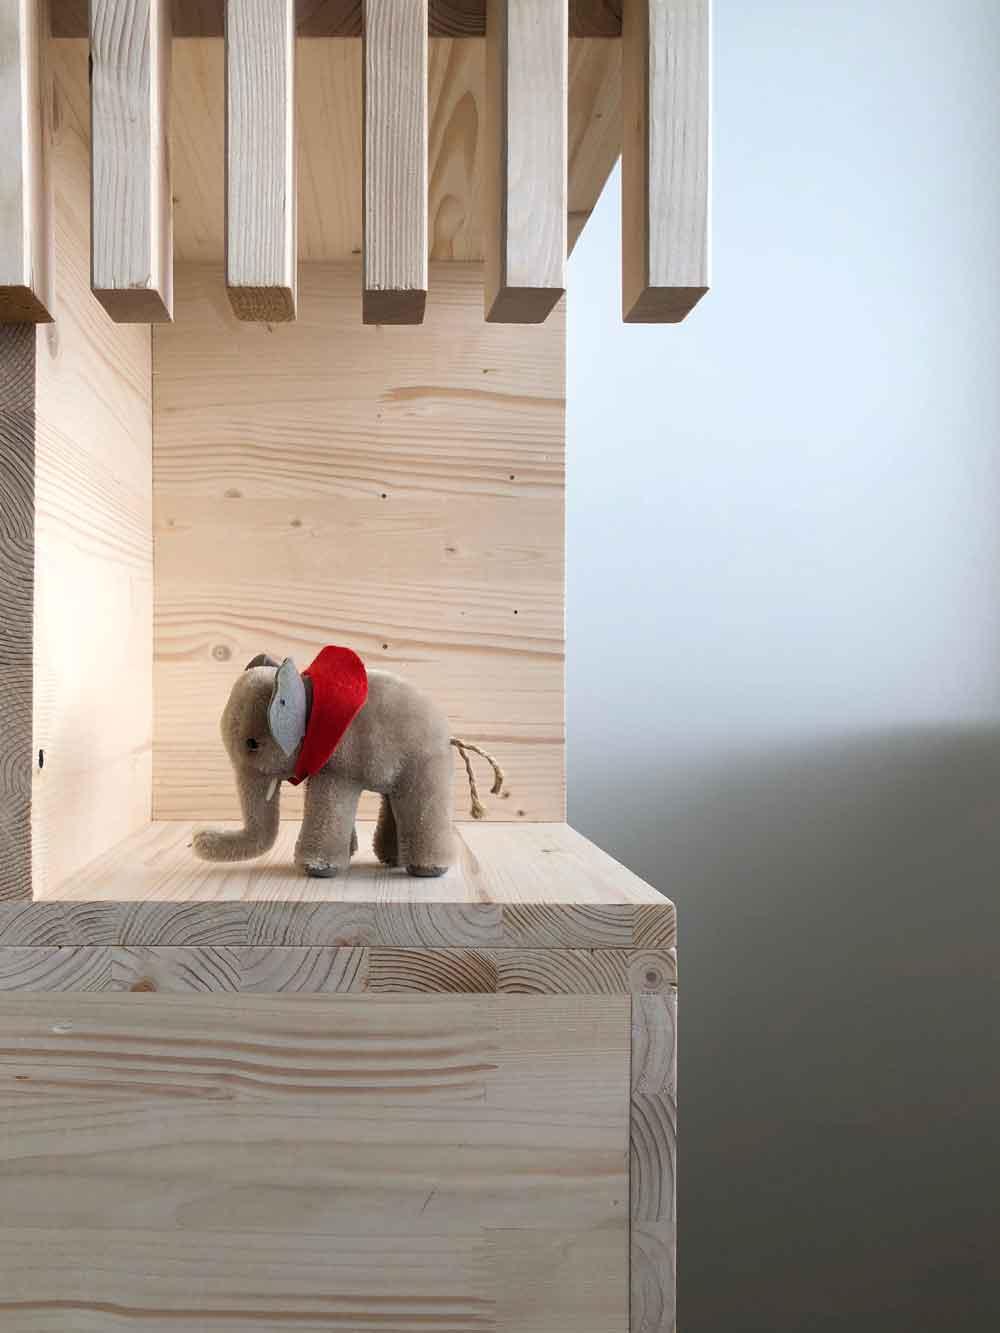 Detail Steiff Elefant retro Stockbett Kindermoebel Holz - DIY | ein Stockbett aus Holz einfach selber machen